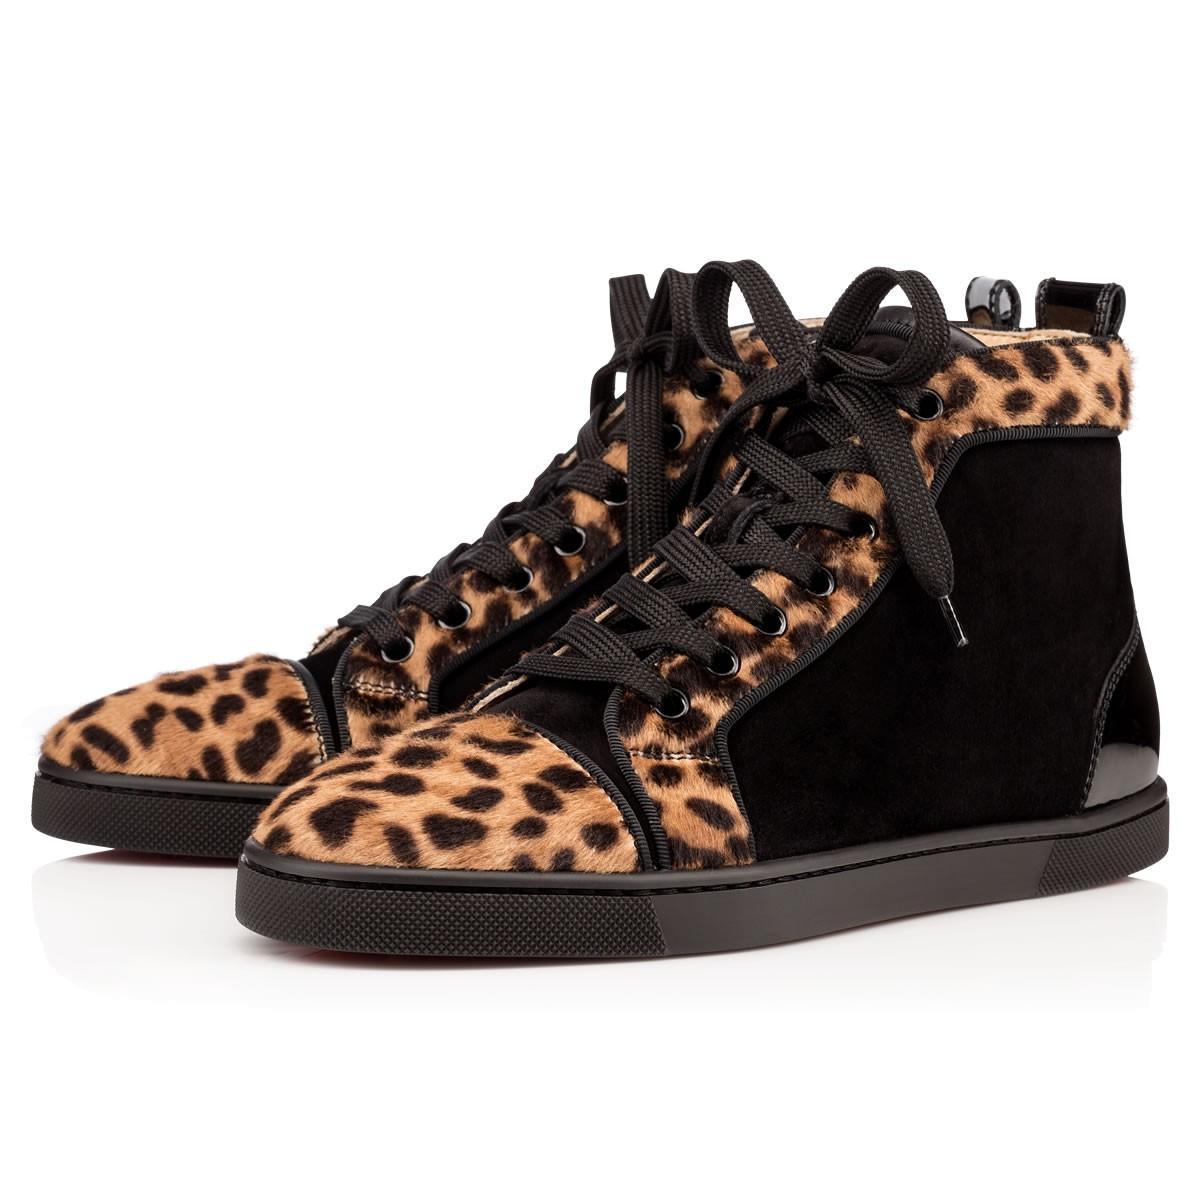 Леопардовые кеды Лабутены Bip Bip Women's Flat